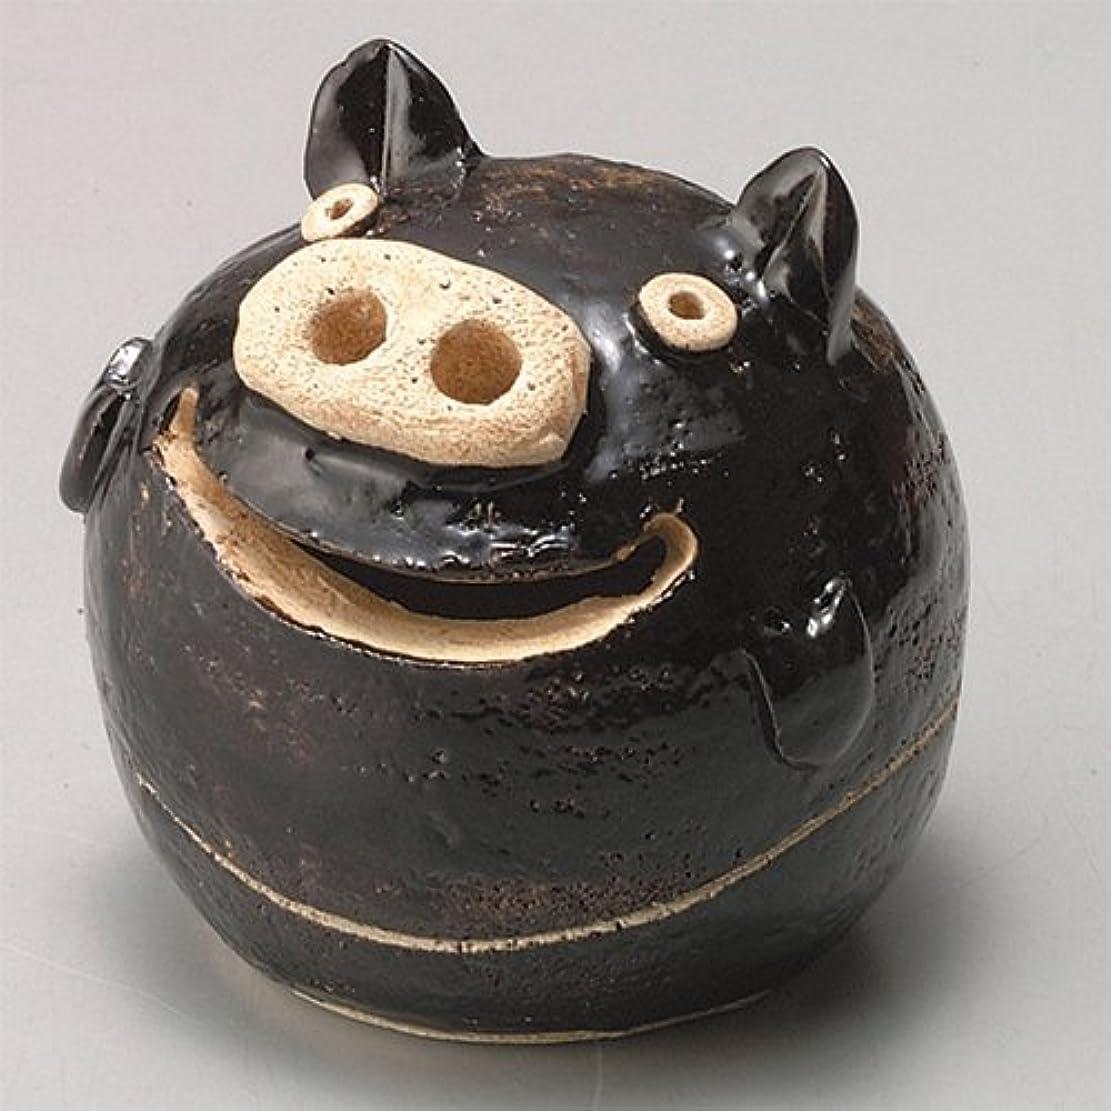 調停者ハント食べる香炉 ぶた君 香炉(黒) [H9cm] HANDMADE プレゼント ギフト 和食器 かわいい インテリア